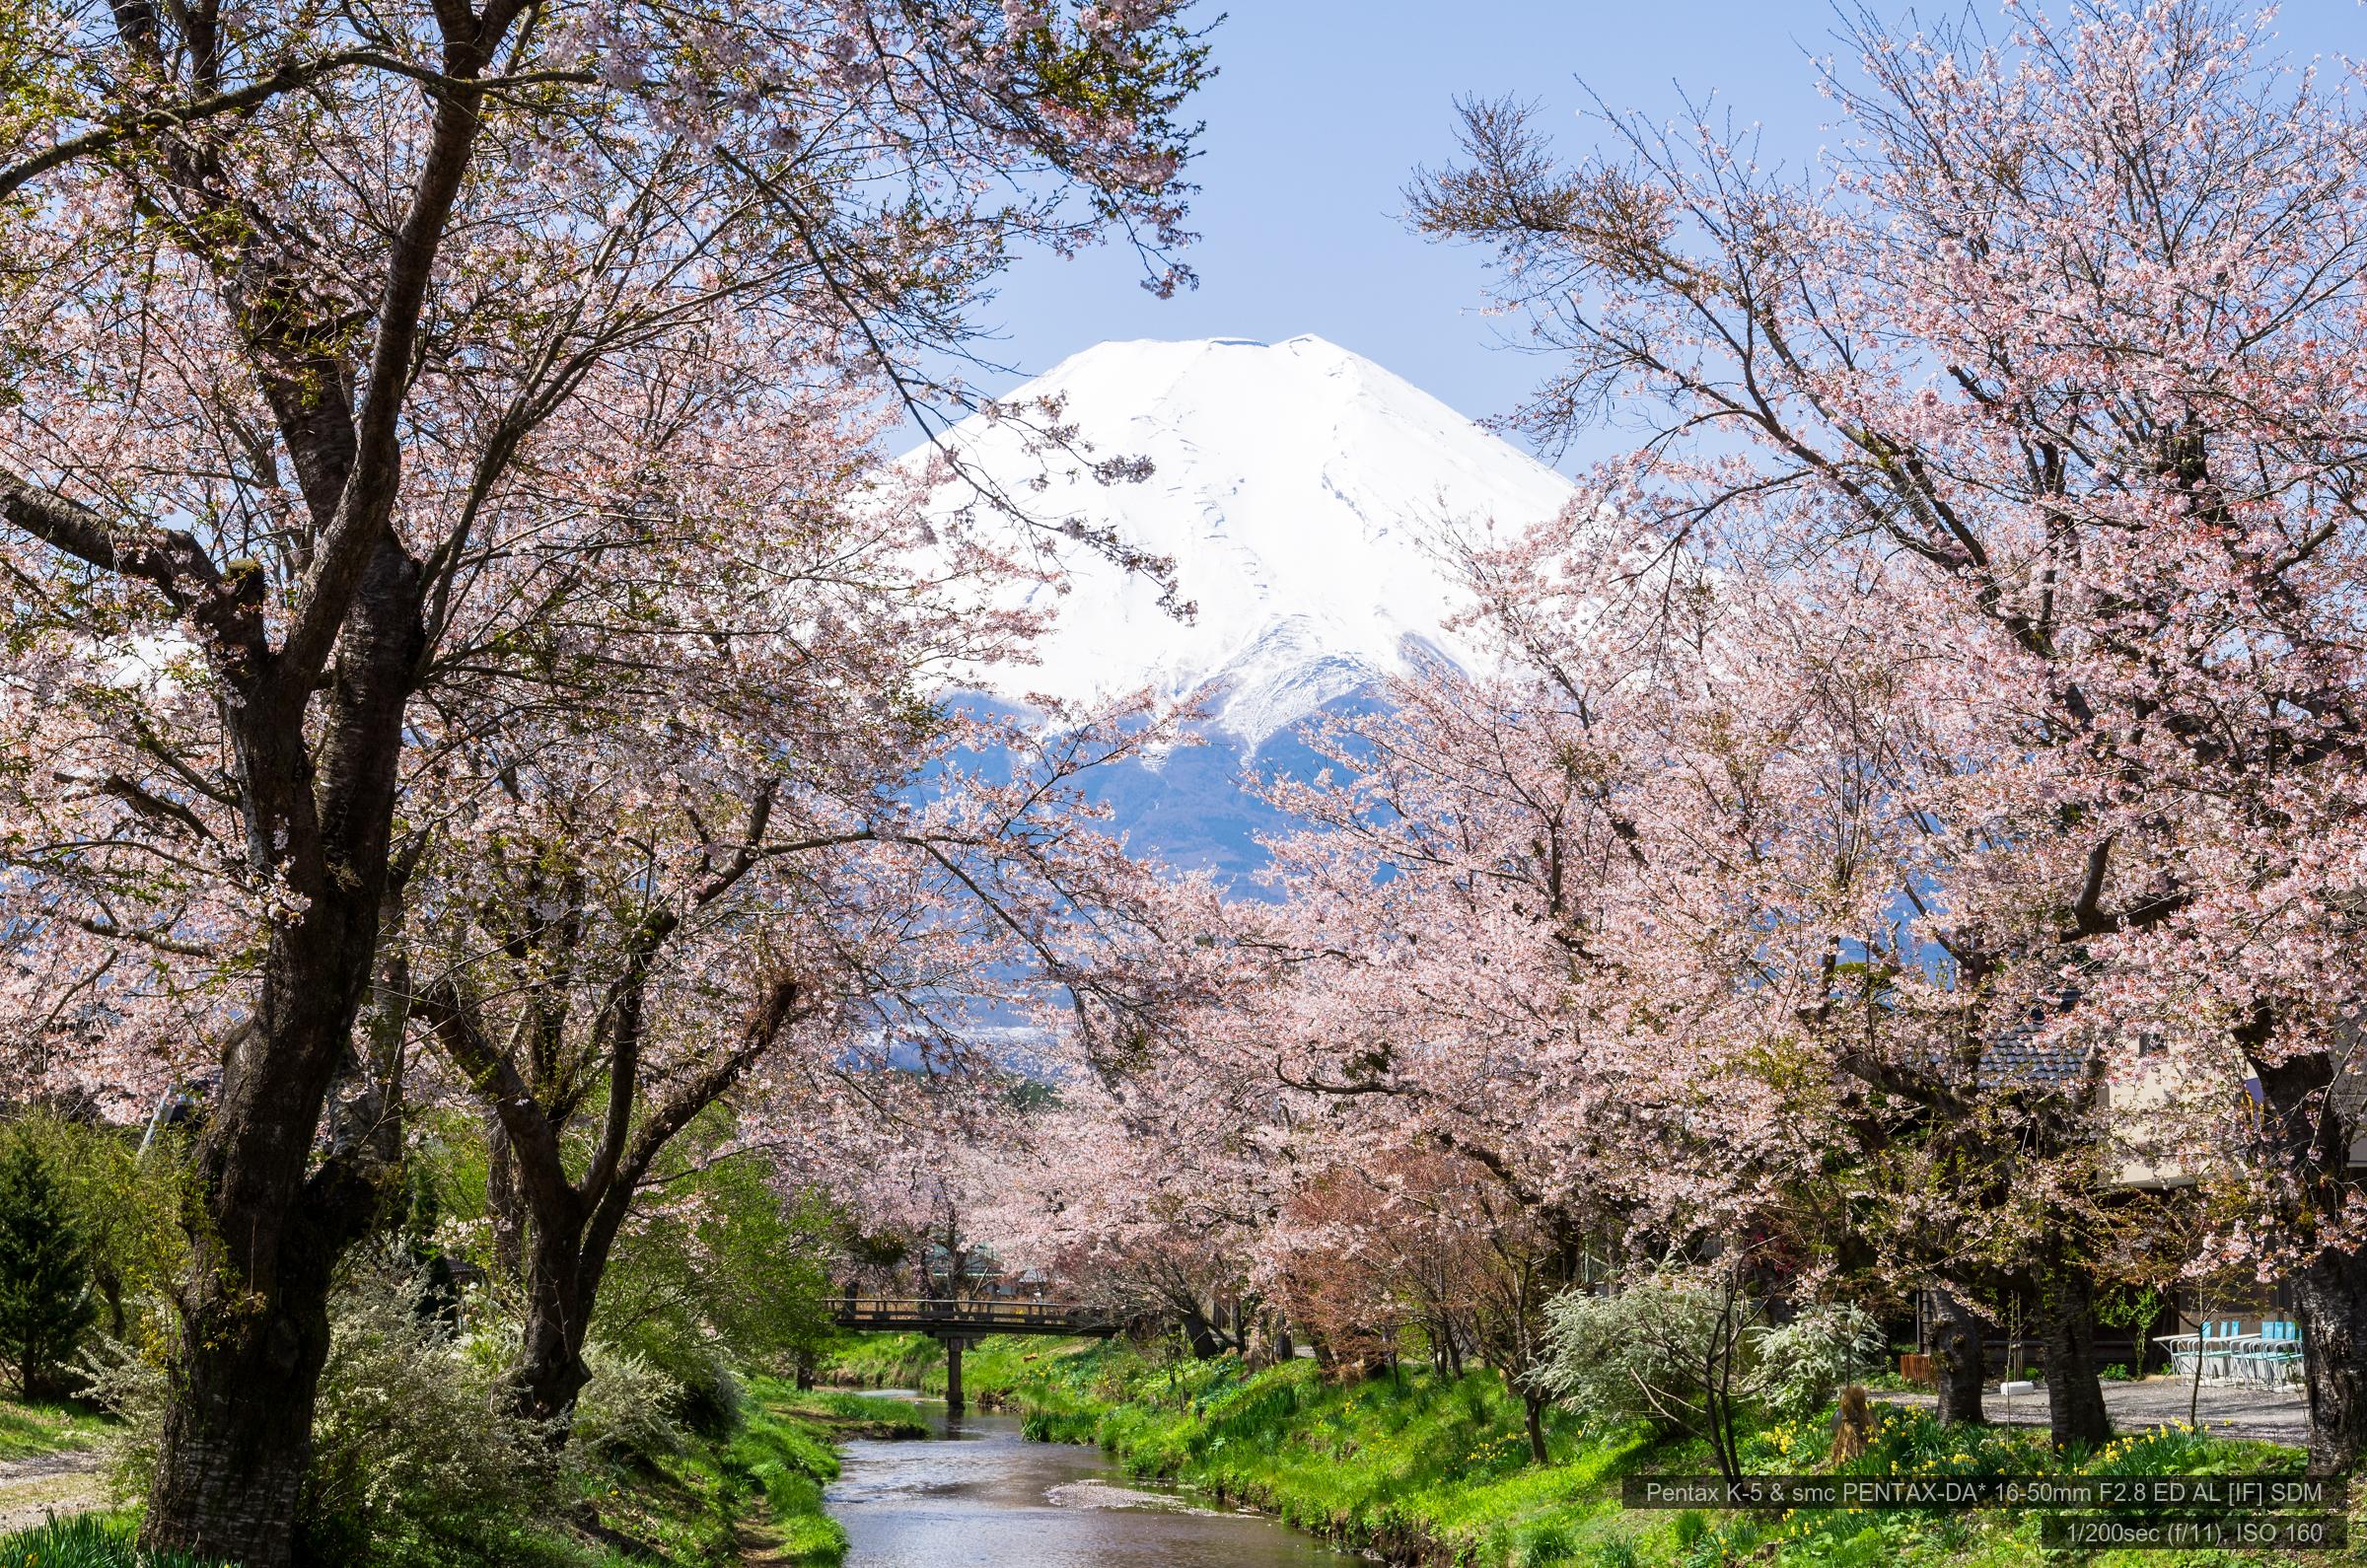 忍野村お宮橋より桜と富士山 | PENTAX K-5&DA★16-50mm